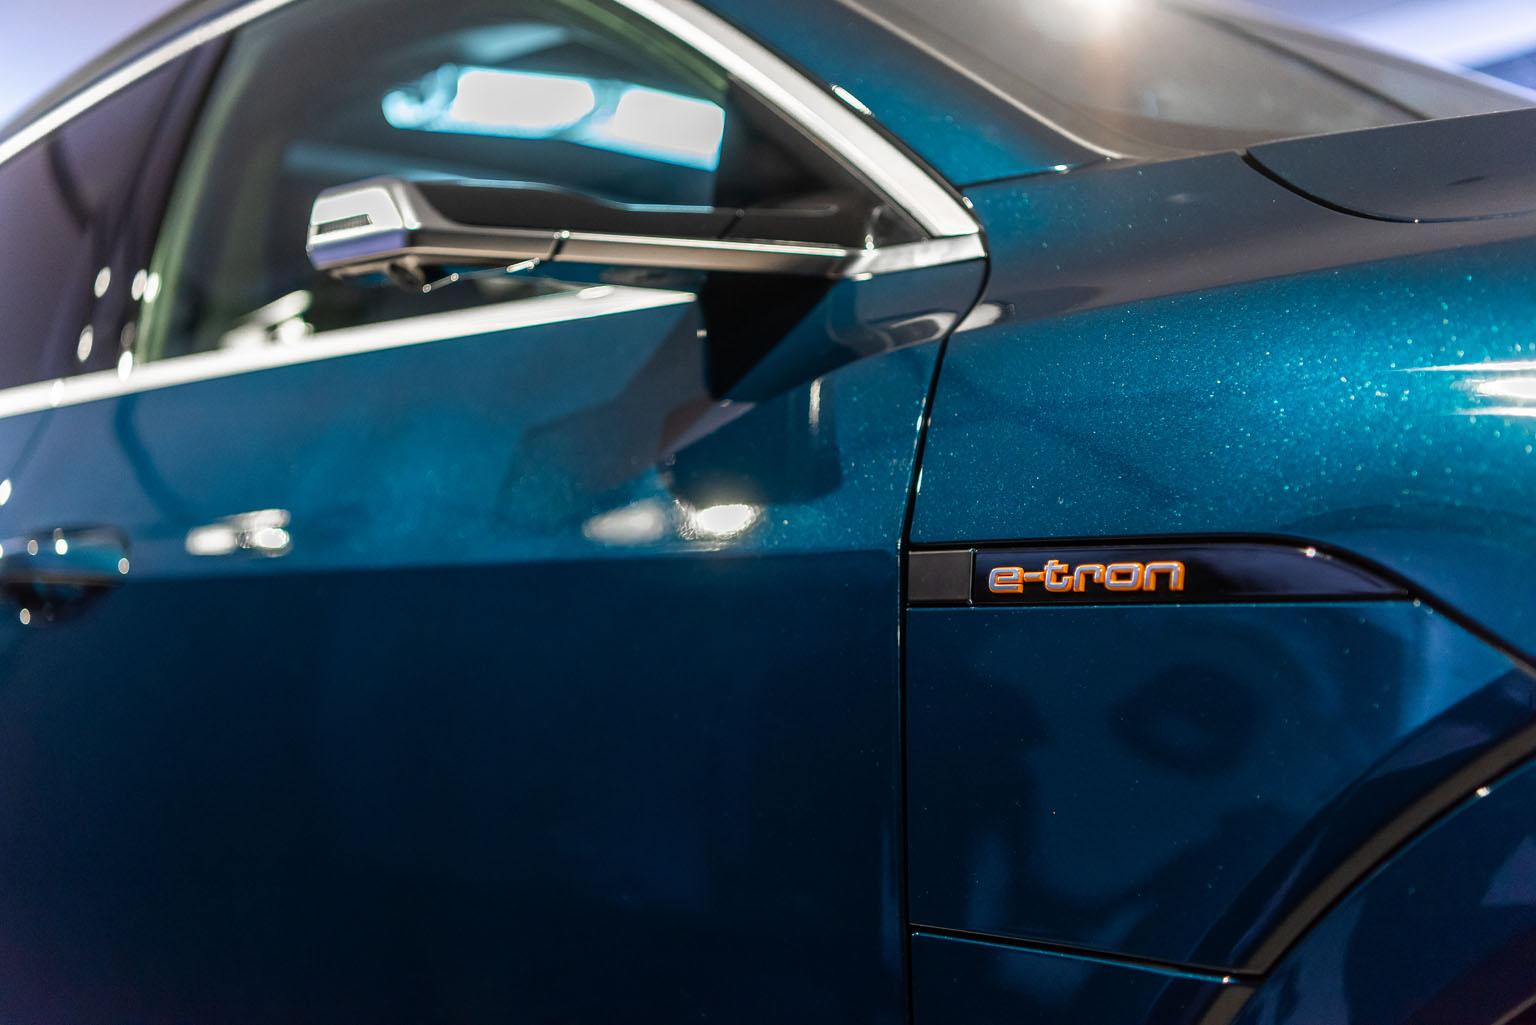 Ecco gli atout opzionali dell'Audi e-tron: gli specchietti laterali virtuali e i doppi sportellini di ricarica. (Tom Lüthi)